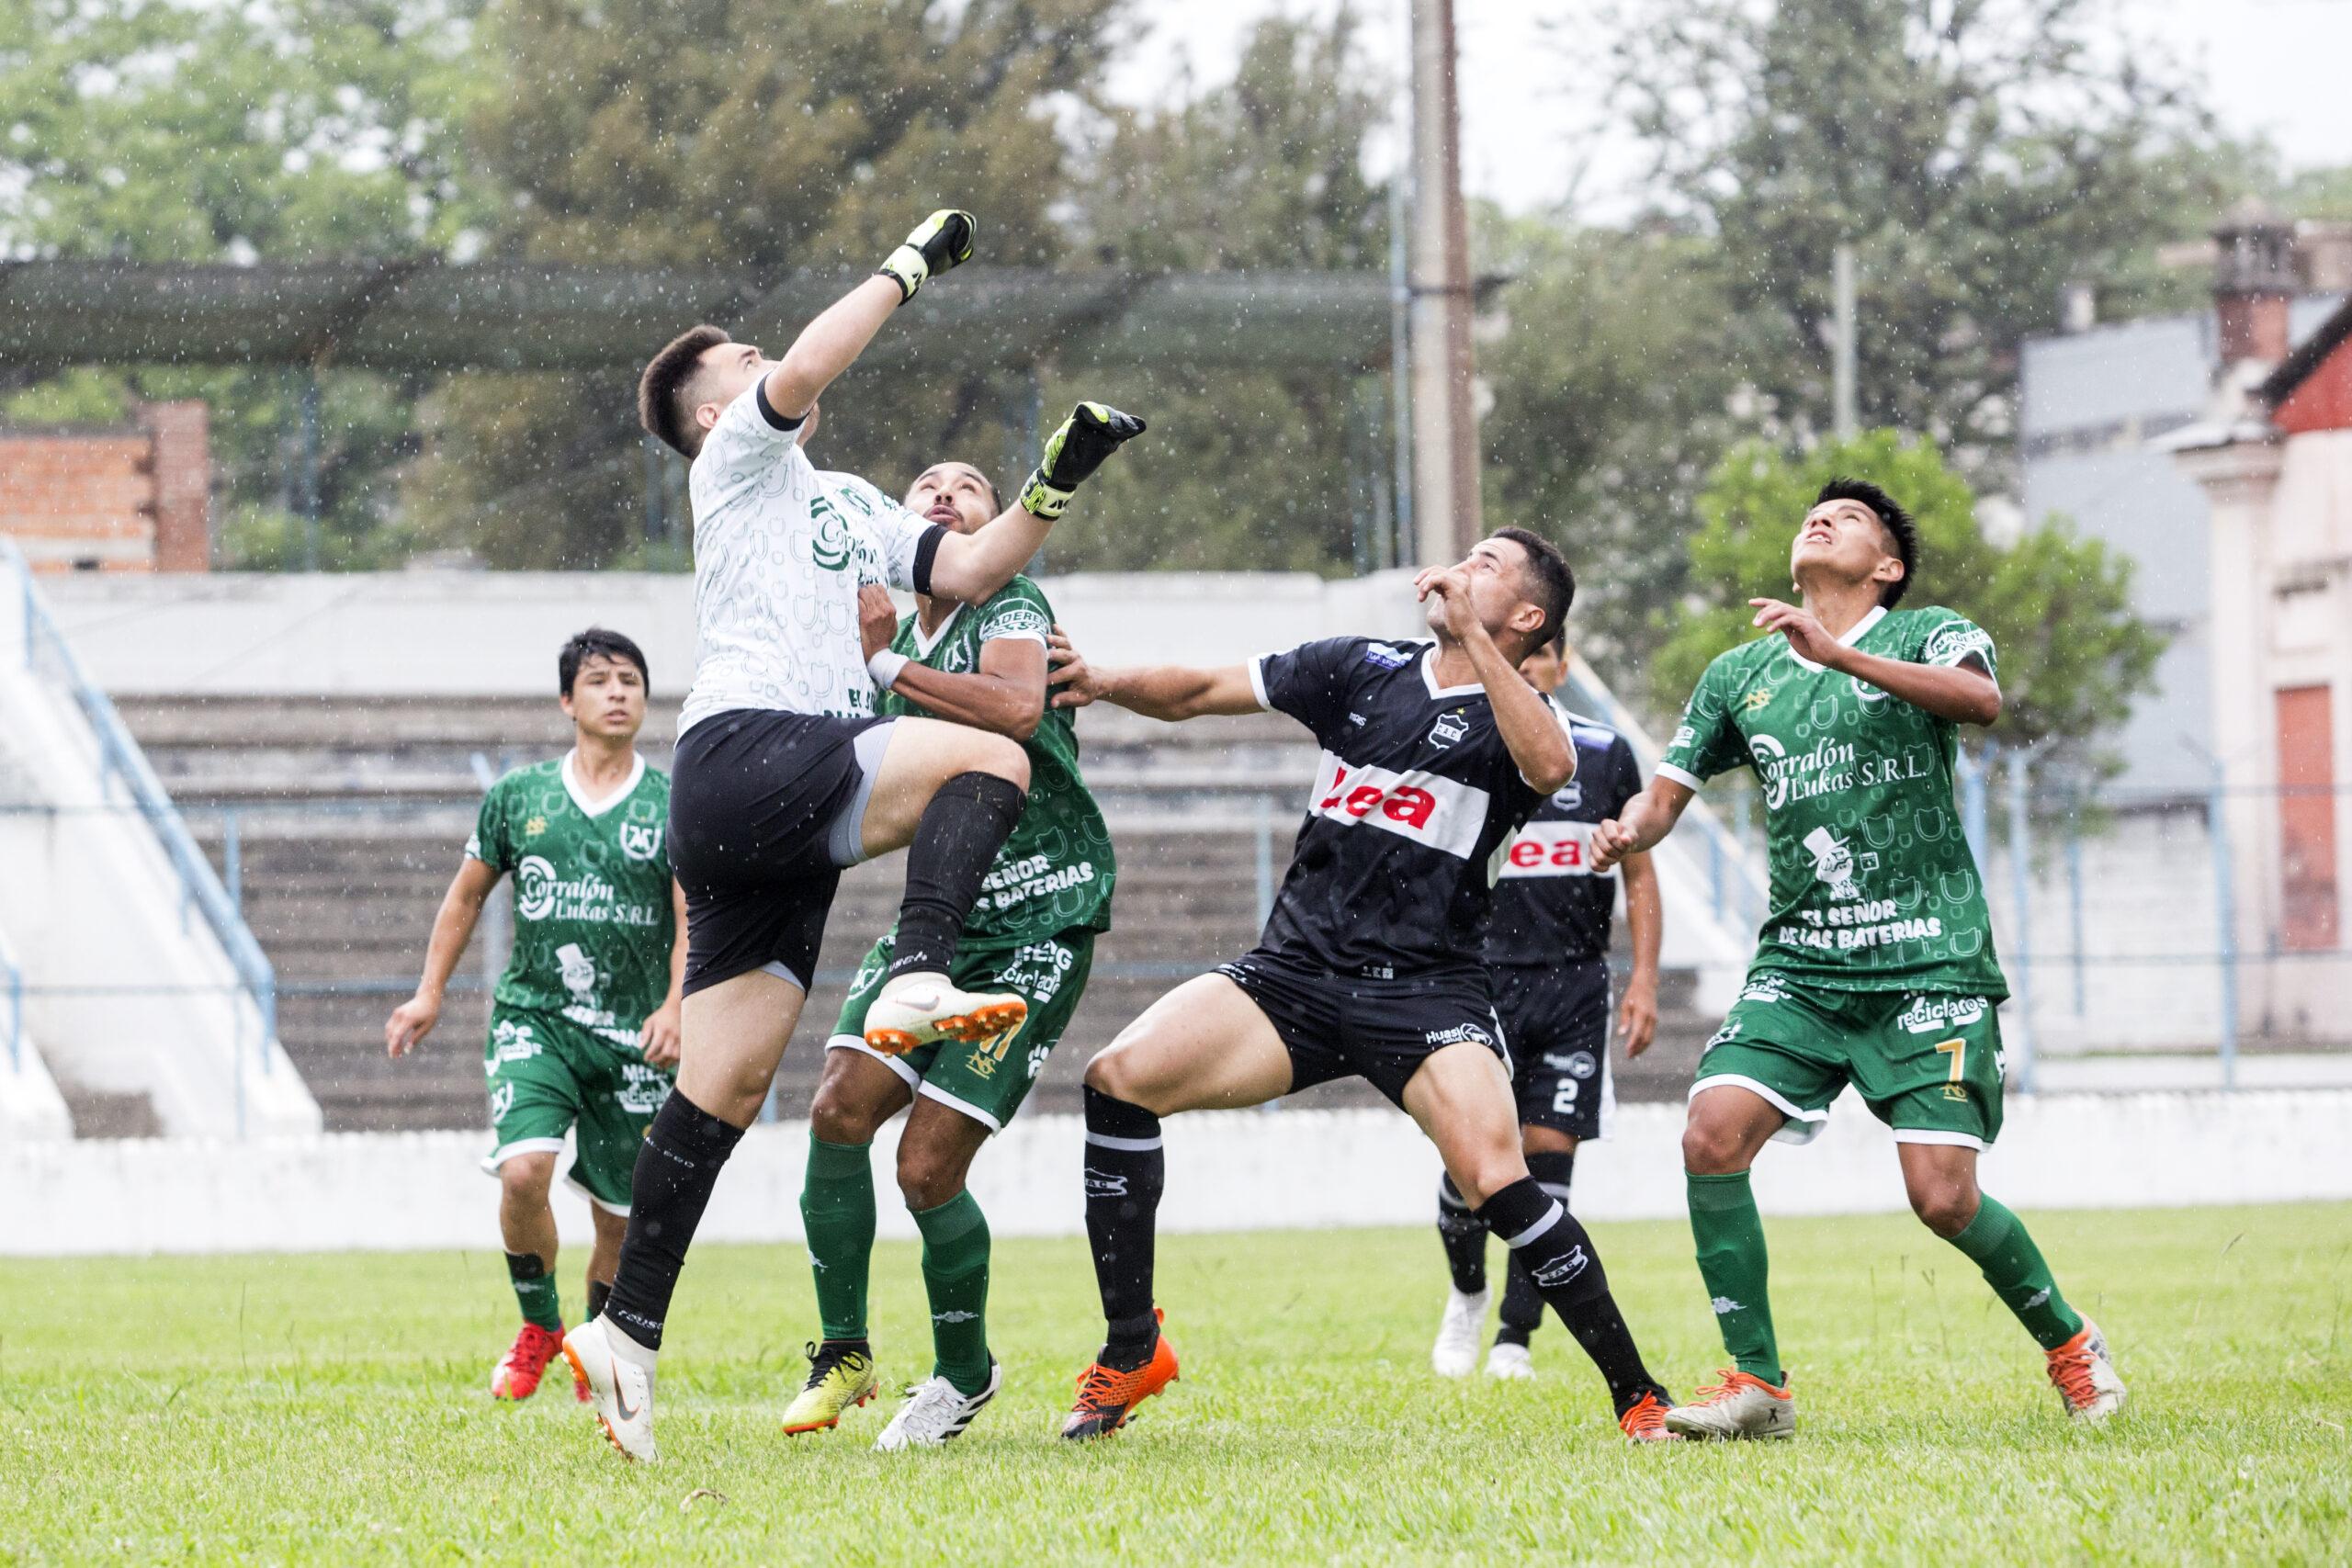 Los equipos de la Liga Jujeña de Fútbol ya palpitan el inicio del  campeonato oficial – Periódico Lea online